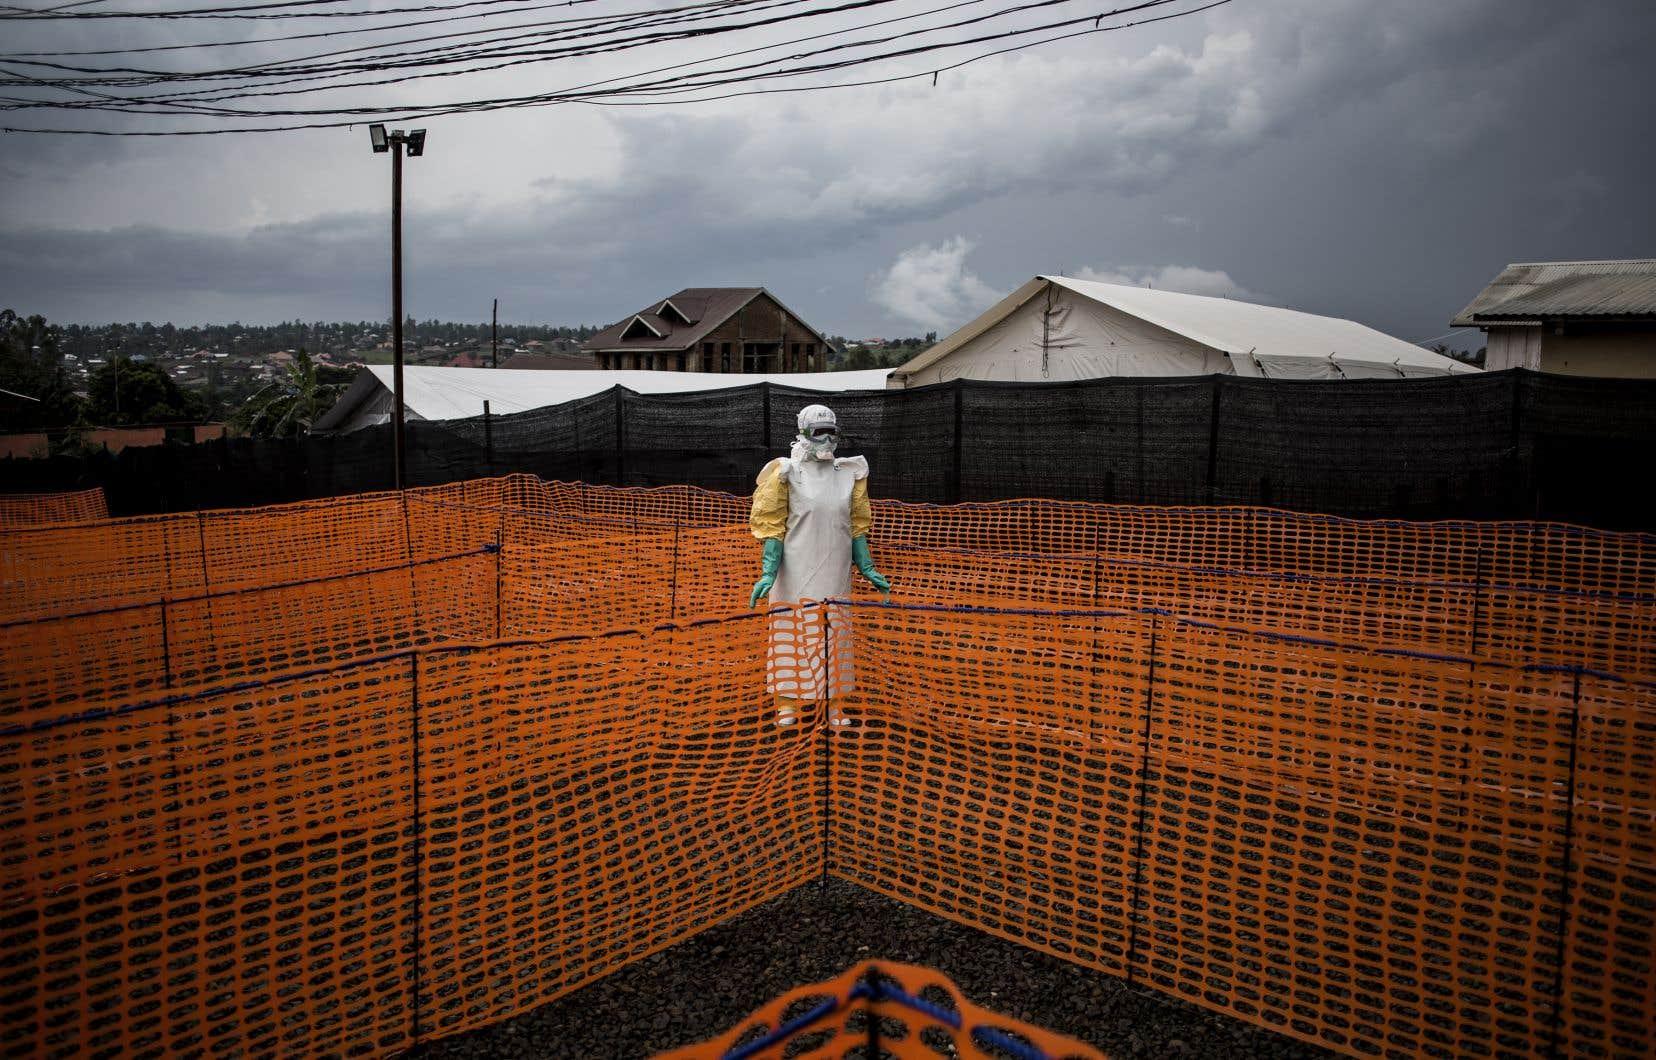 Déclarée le 1eraoût 2018 dans l'Est du pays, la dixième épidémie d'Ebola sur le sol congolais a tué 2277 personnes.